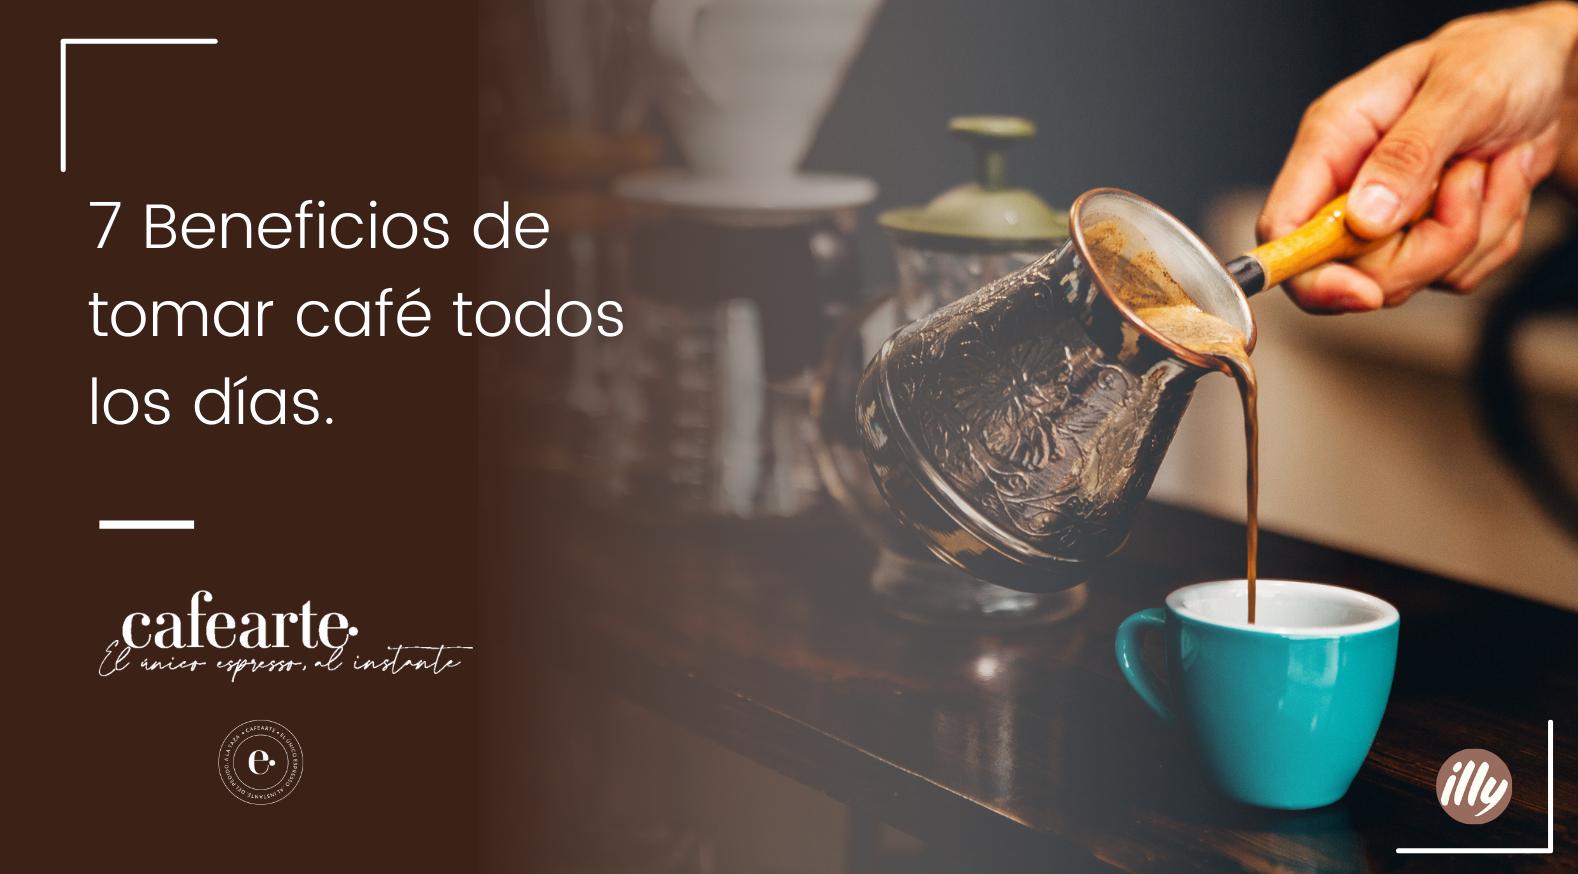 7 beneficios de tomar cafe todos los dias